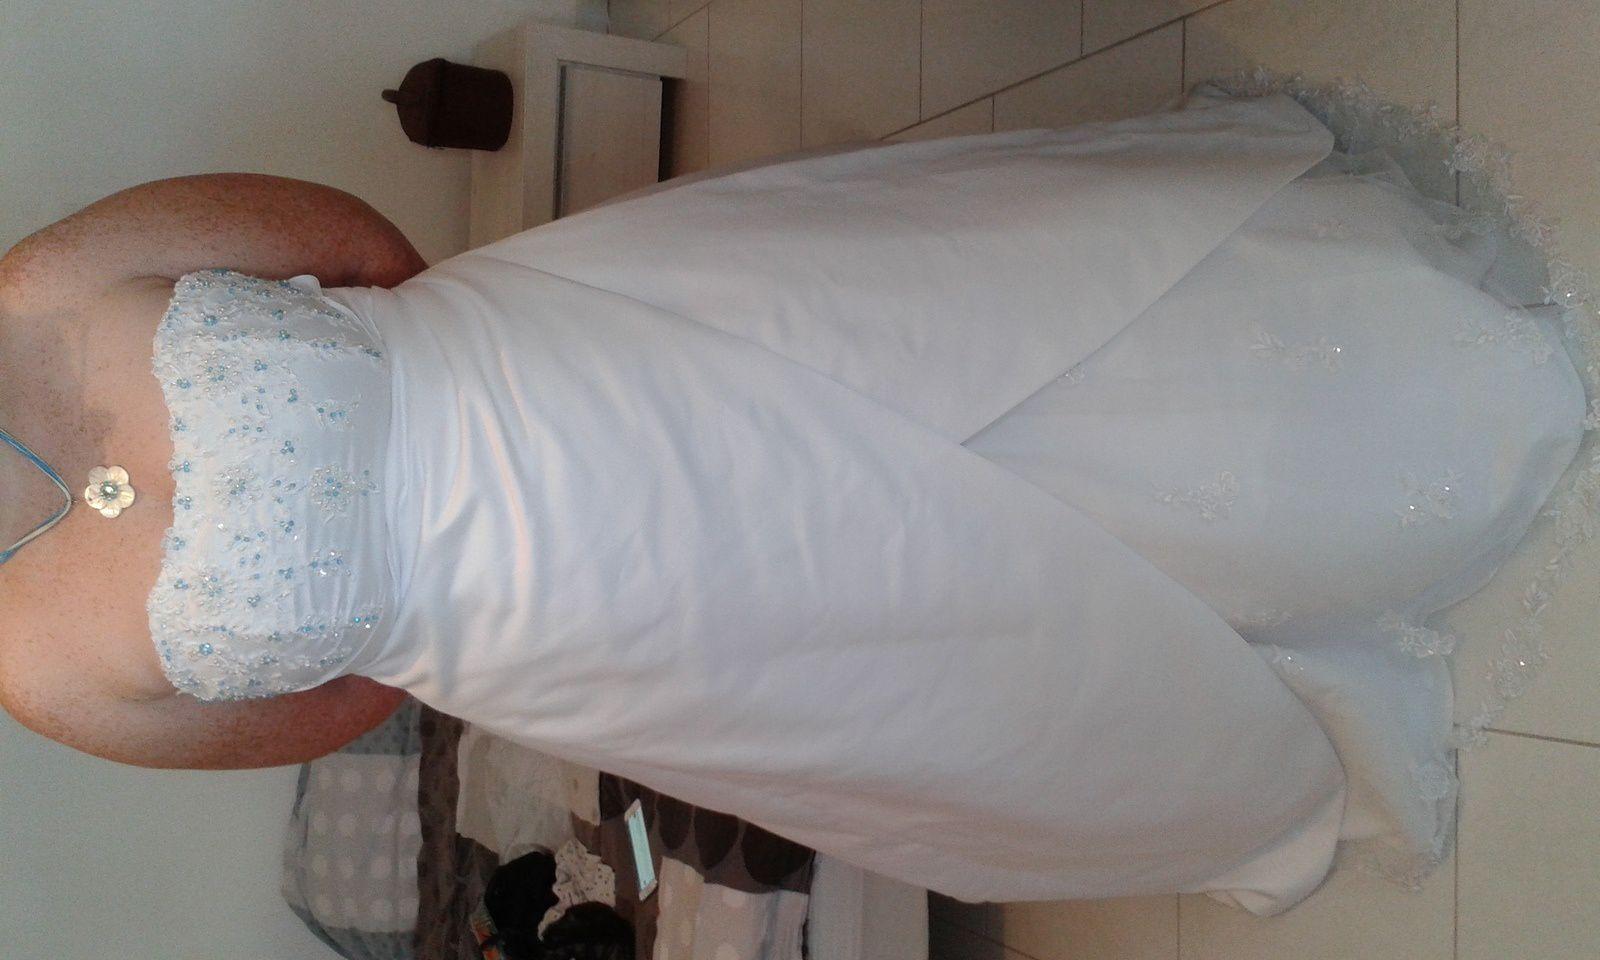 robe de mariée personnalisée bleu turquoise1 brin 2 folie